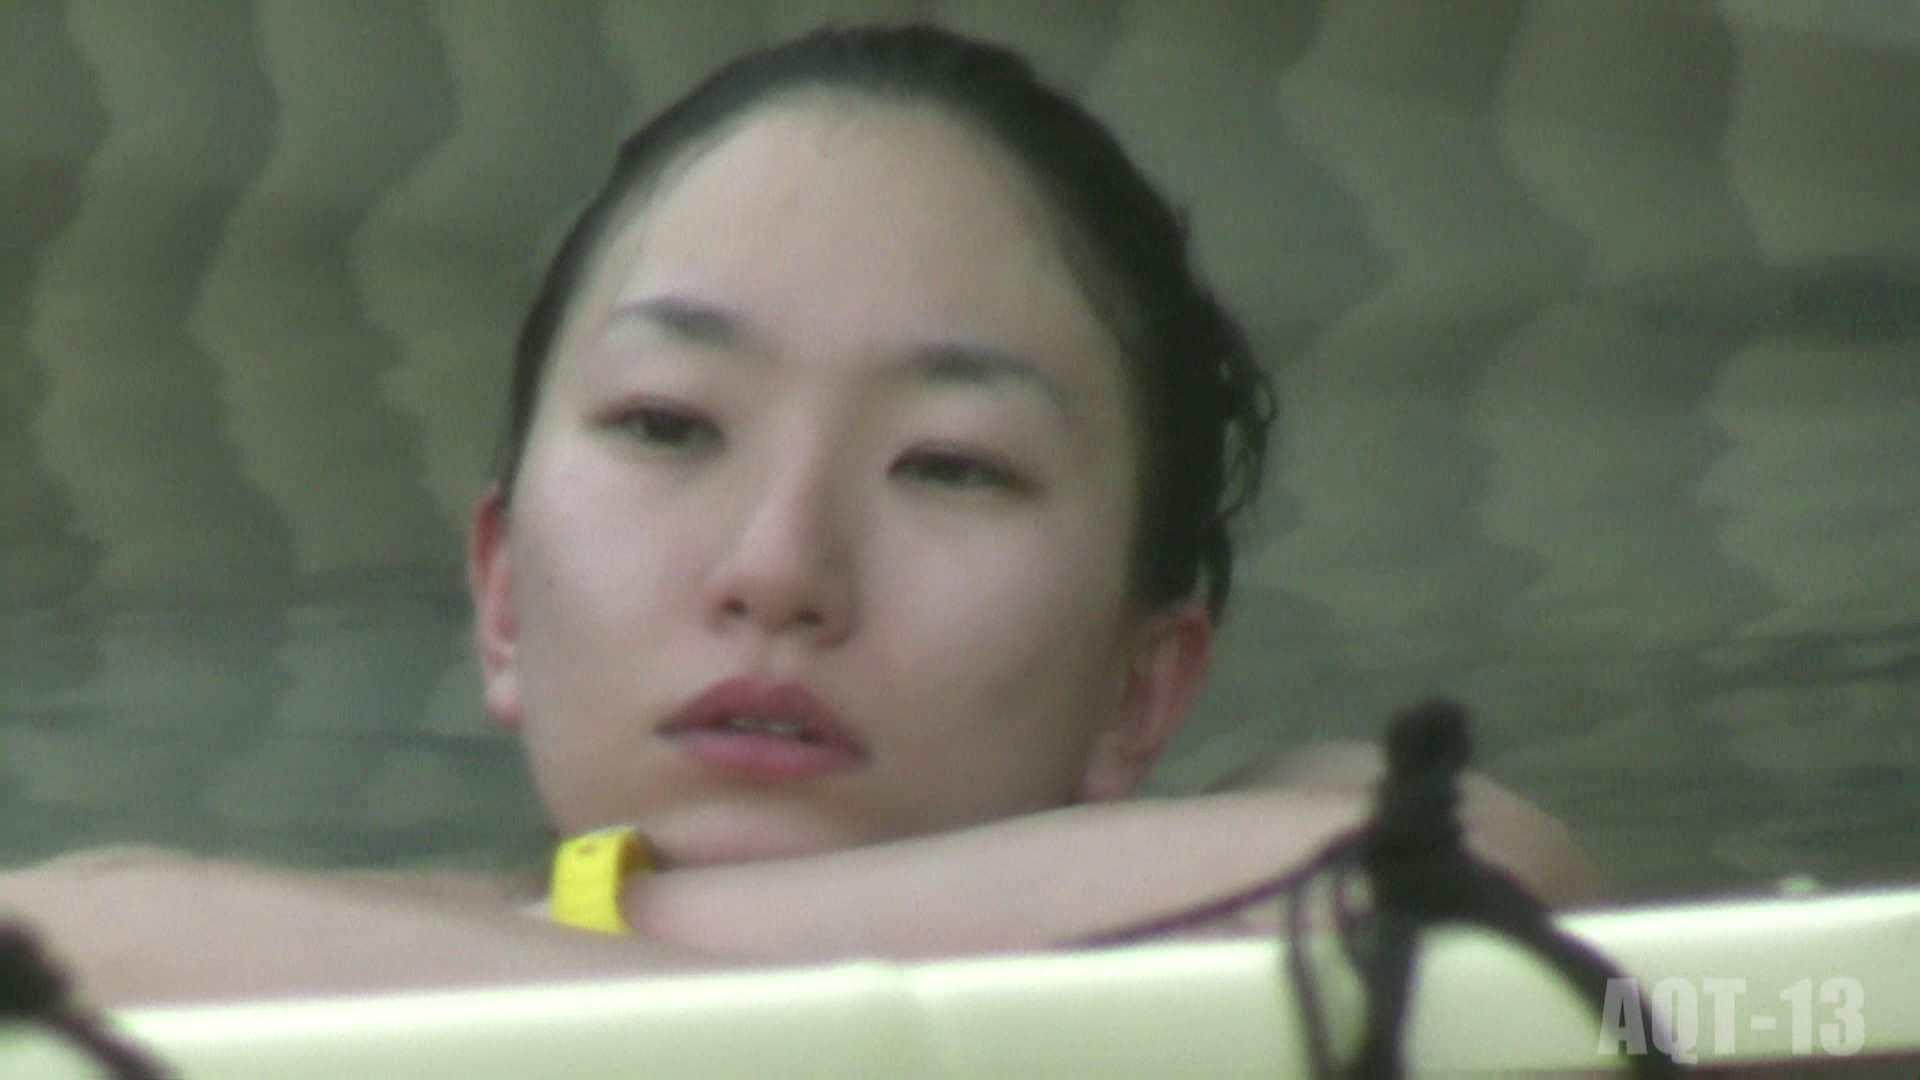 Aquaな露天風呂Vol.818 盗撮 オメコ動画キャプチャ 88画像 14